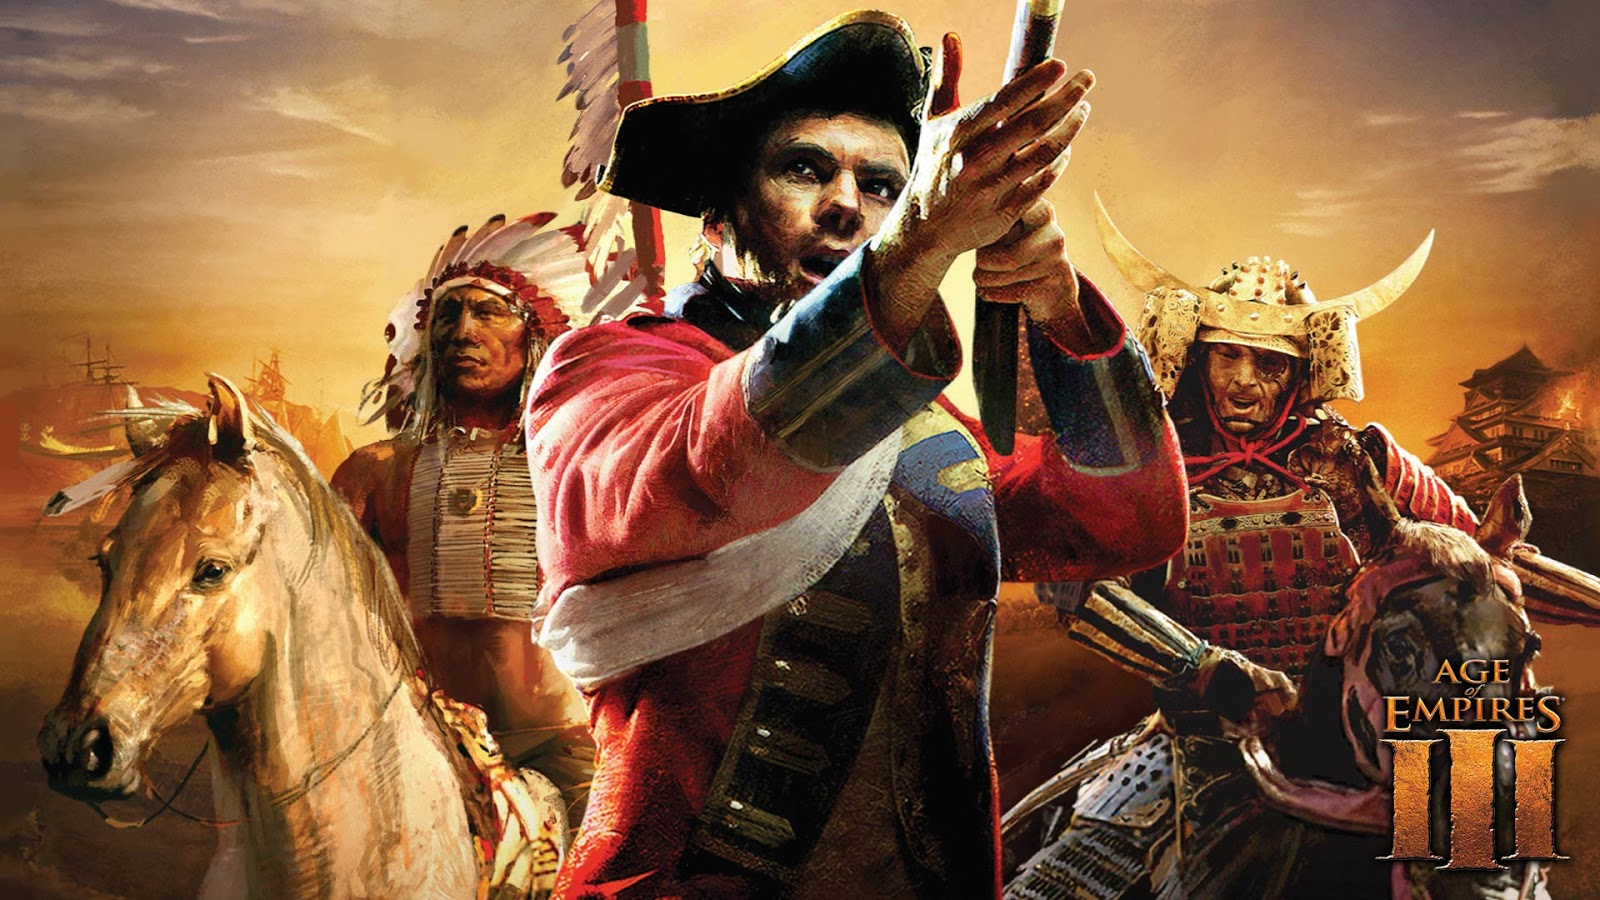 """Thông tin: Phiên bản thứ 3 của dòng game """"Đế chế"""" Age of Empires (AOE). Đây  là bản full v1.14, bao gồm bản chính và 2 bản mở rộng khác là The ..."""